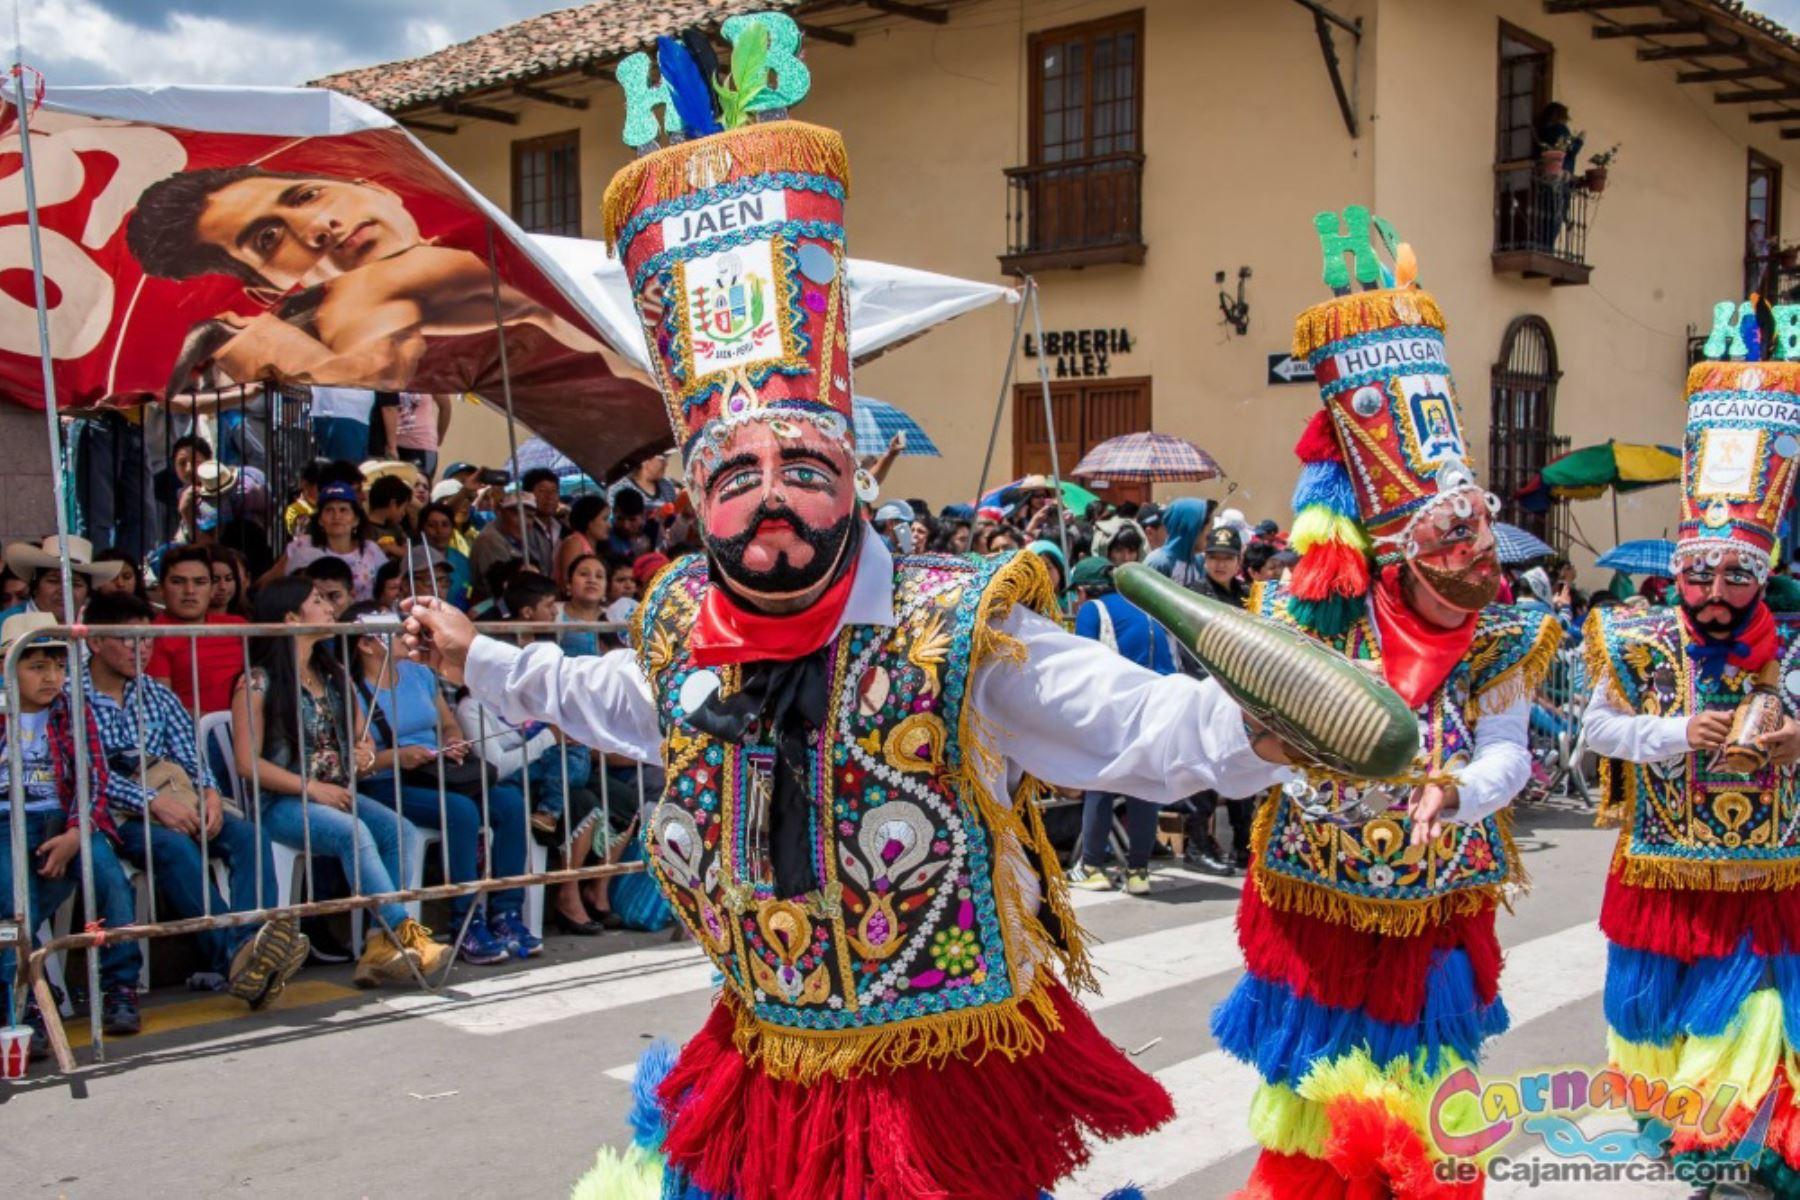 Cajamarca cancela su tradicional carnaval por el incremento de casos de coronavirus en esa región.